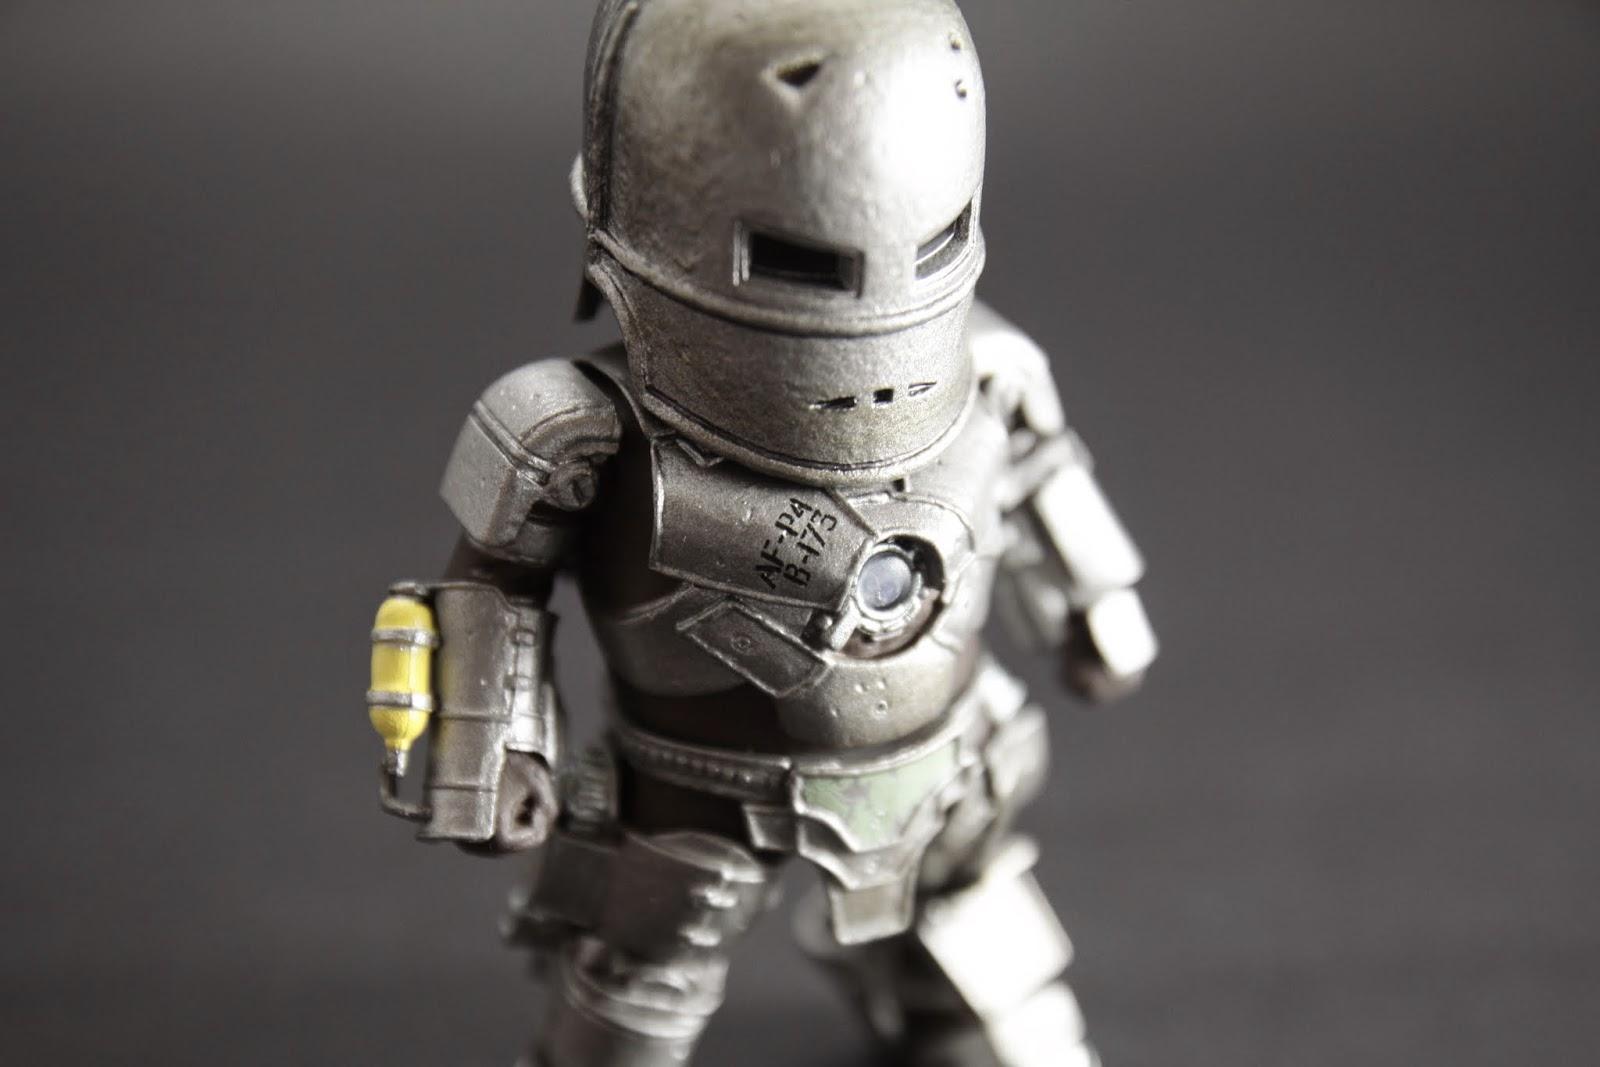 做的蠻細緻的 連用飛彈的外殼做的裝甲還留有編號都有做出來